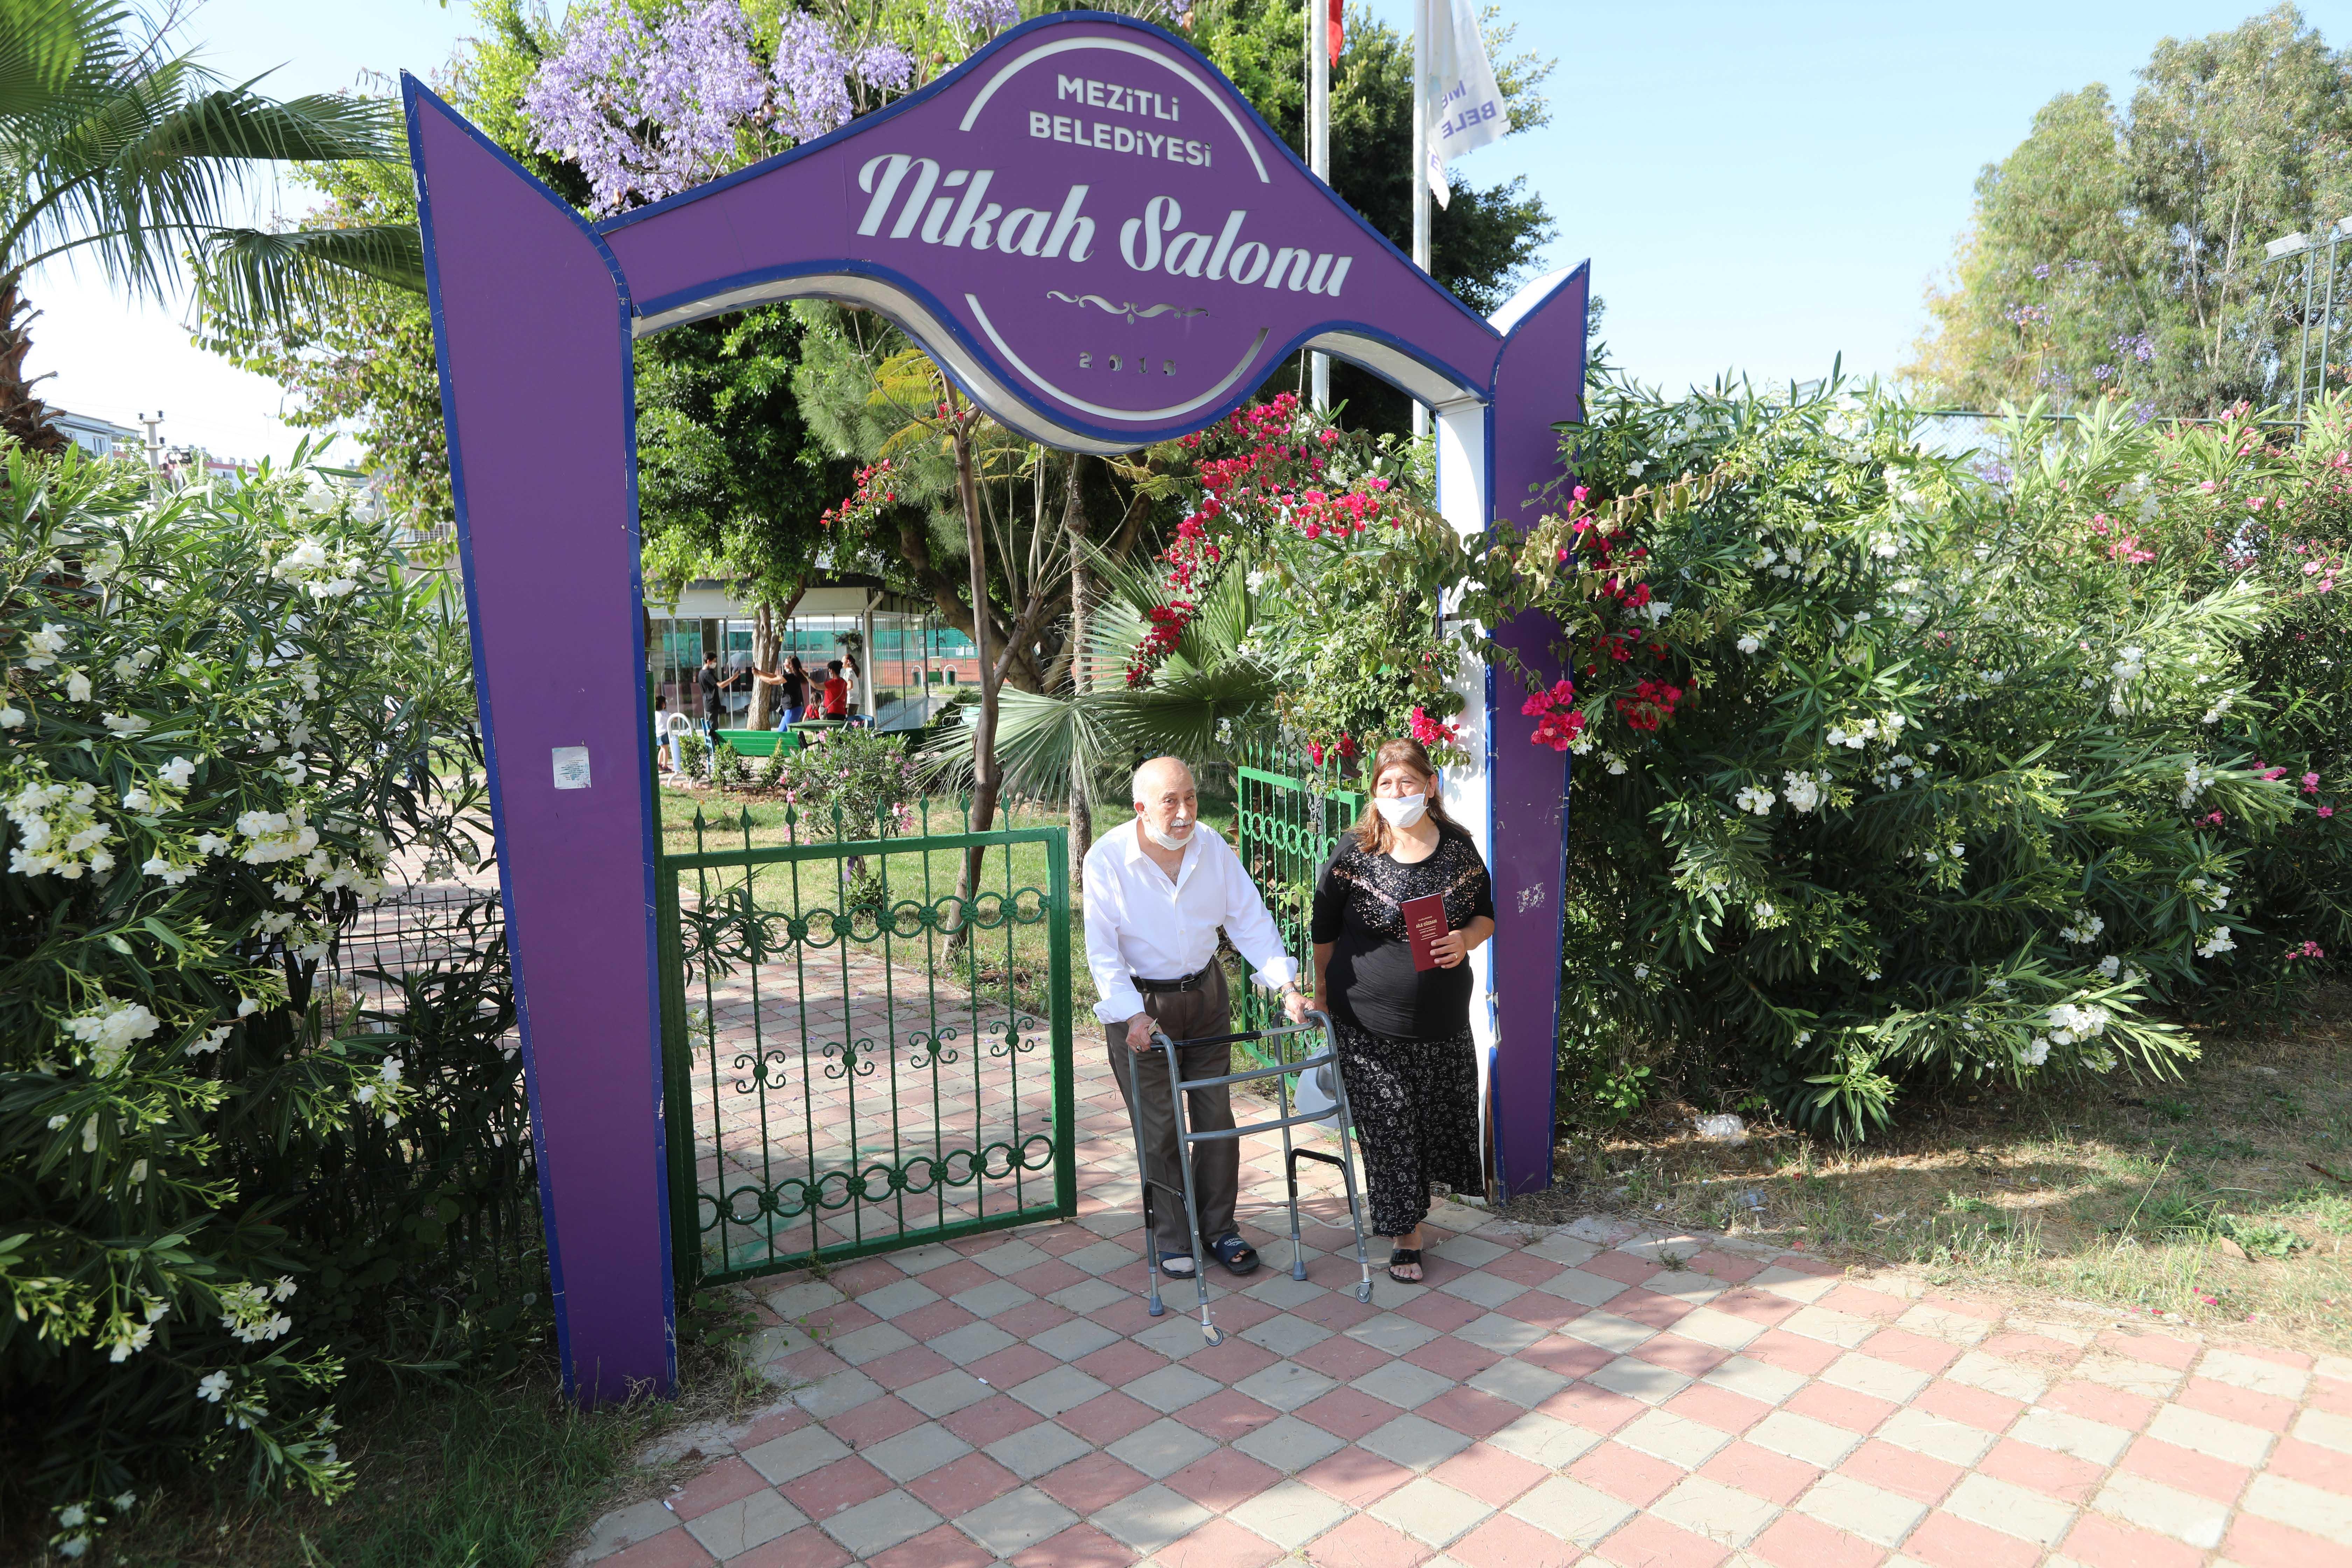 nazik-siparisiyle-turkiyenin-tanidigi-burhan-amca-ayrildigi-esiyle-30-yil-sonra-yeniden-evlendi-3014-dhaphoto5-001.jpg